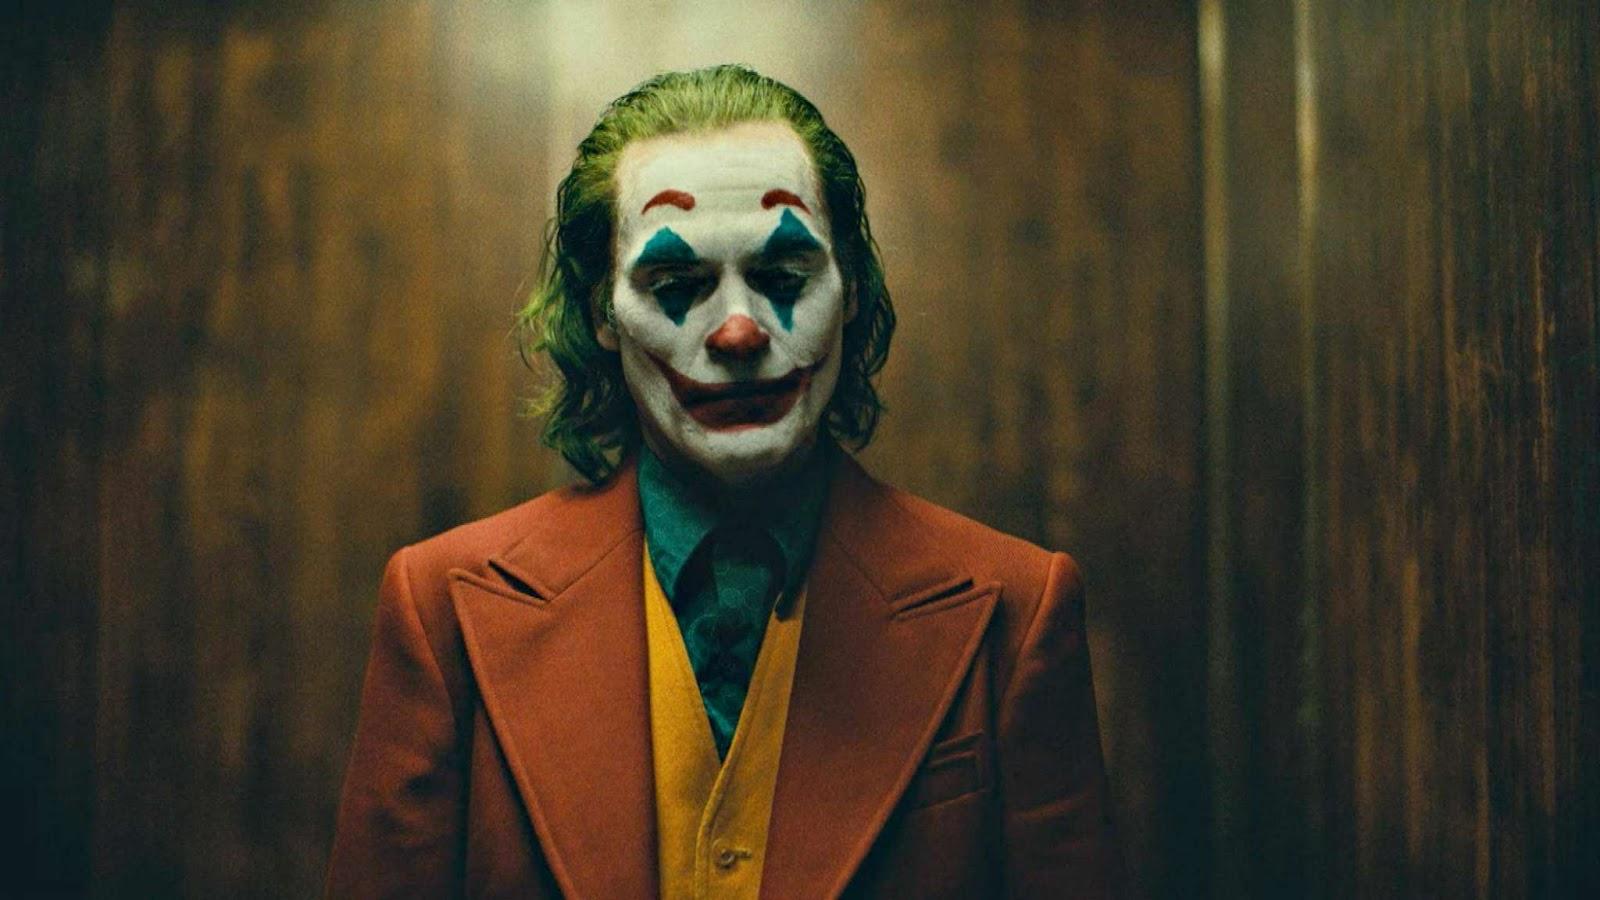 joker, film, filmy, recenzja, opinia, dc comics, warner bros, joaquin phoenix